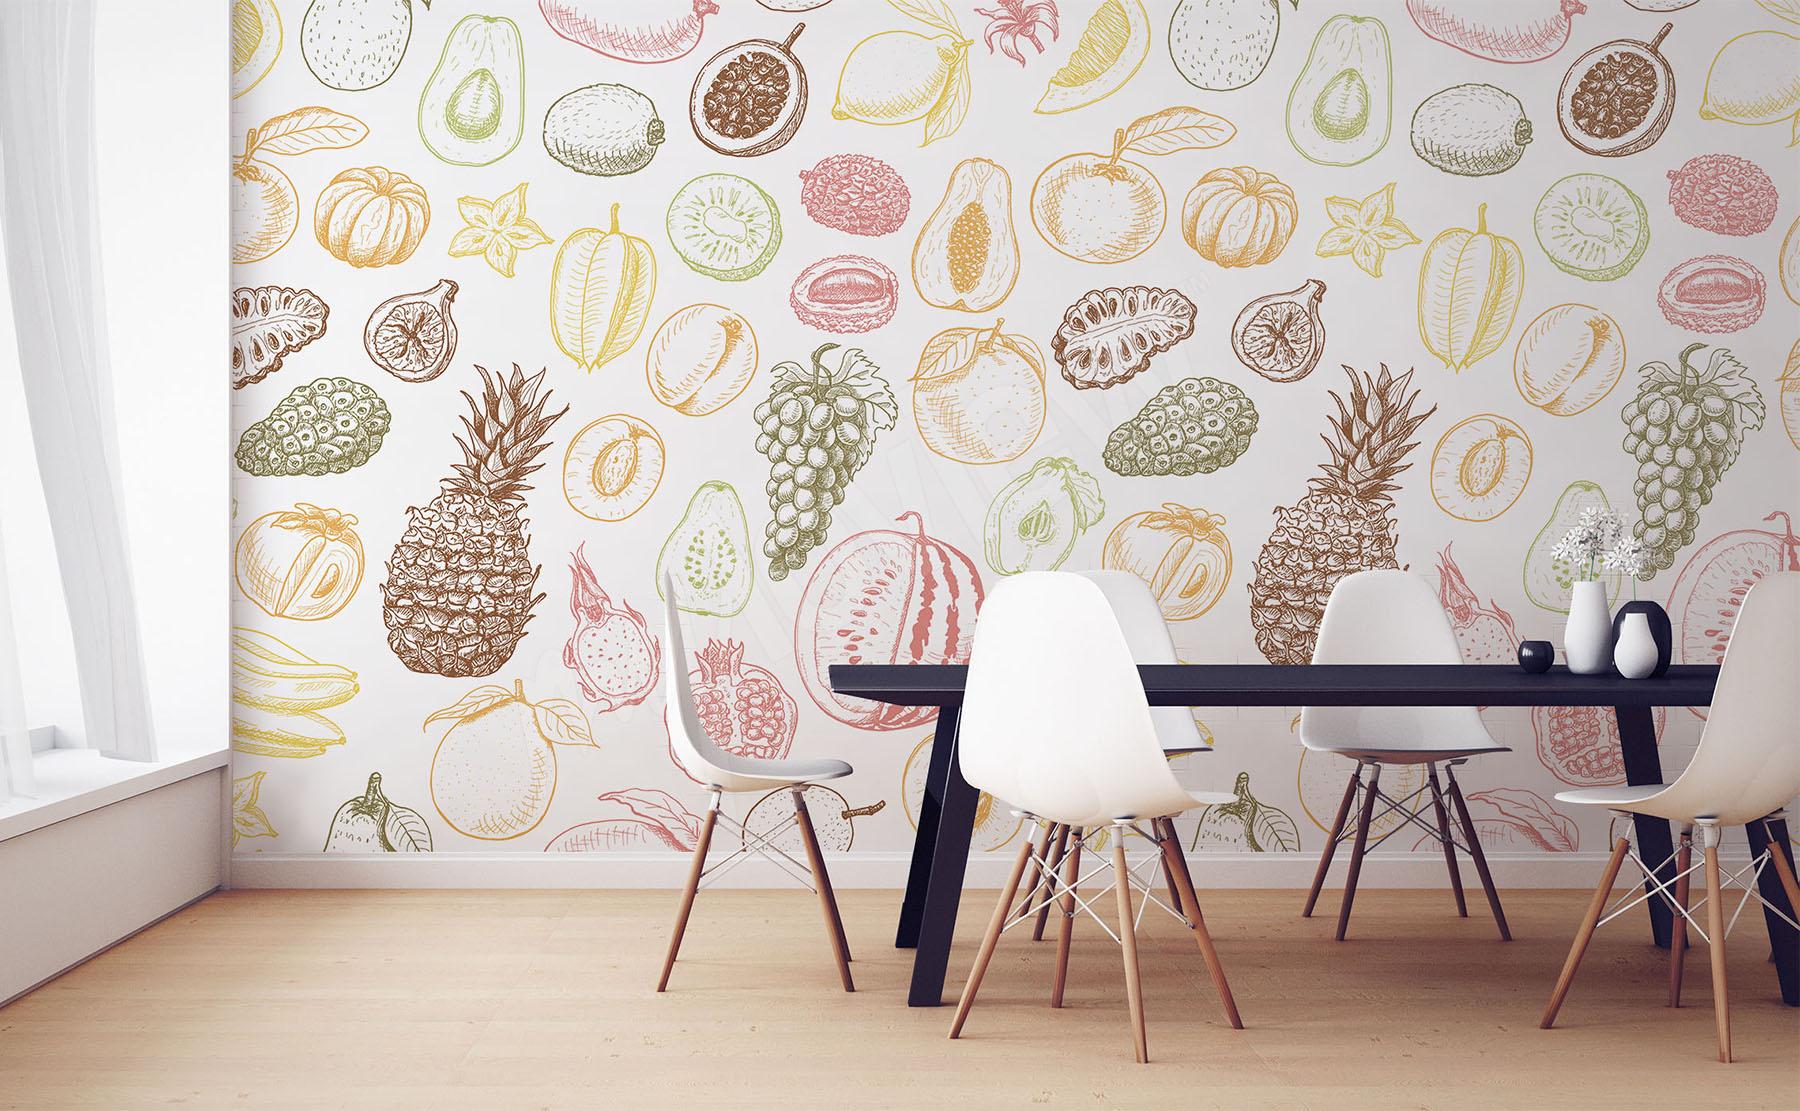 Idee Tapisserie Salle A Manger papiers peints fruits •mur aux dimensions | myloview.fr